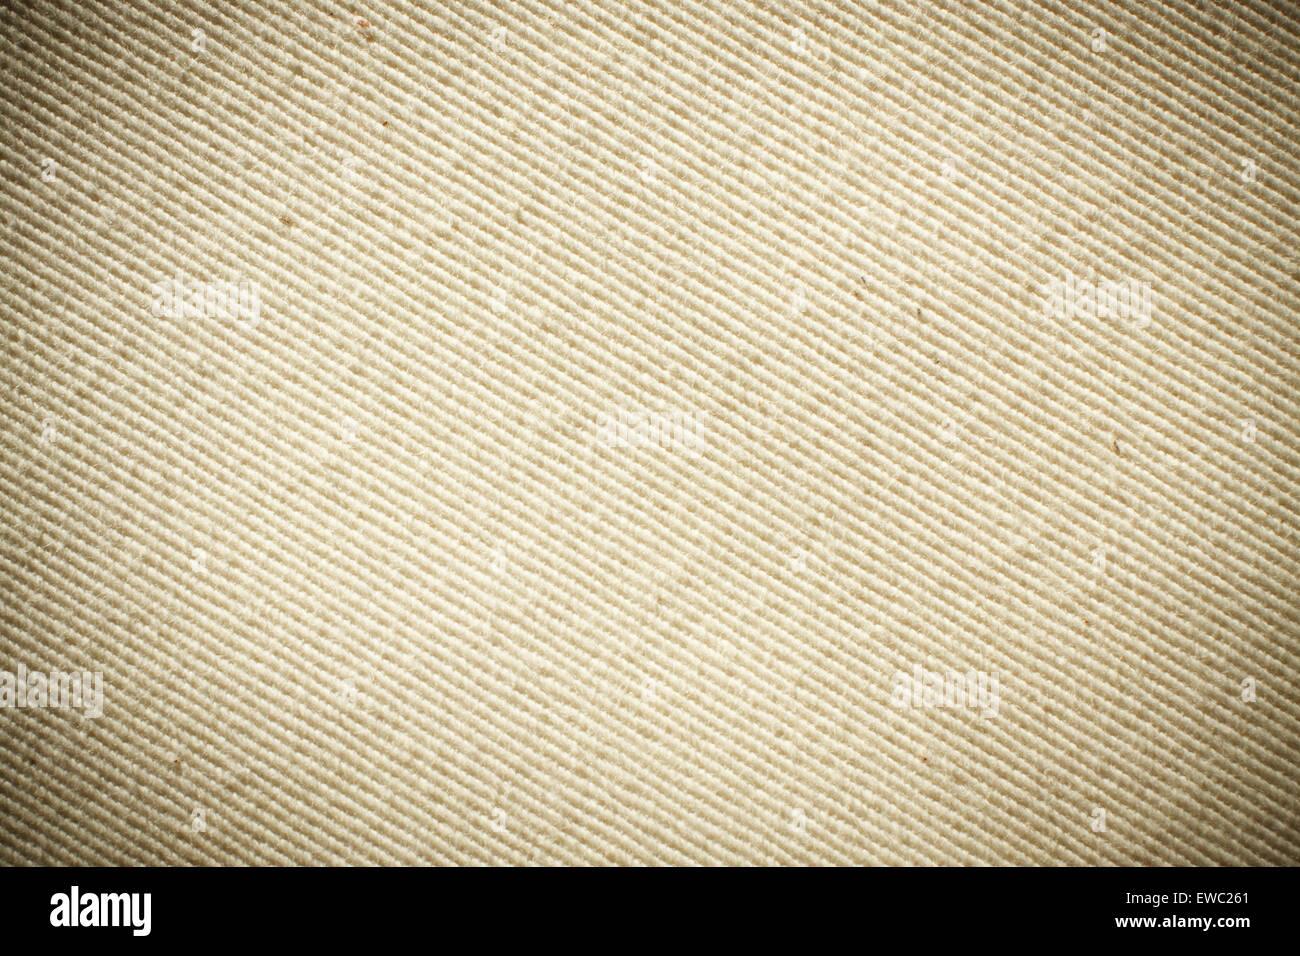 Luminose texture di tessuto o di uno sfondo Immagini Stock